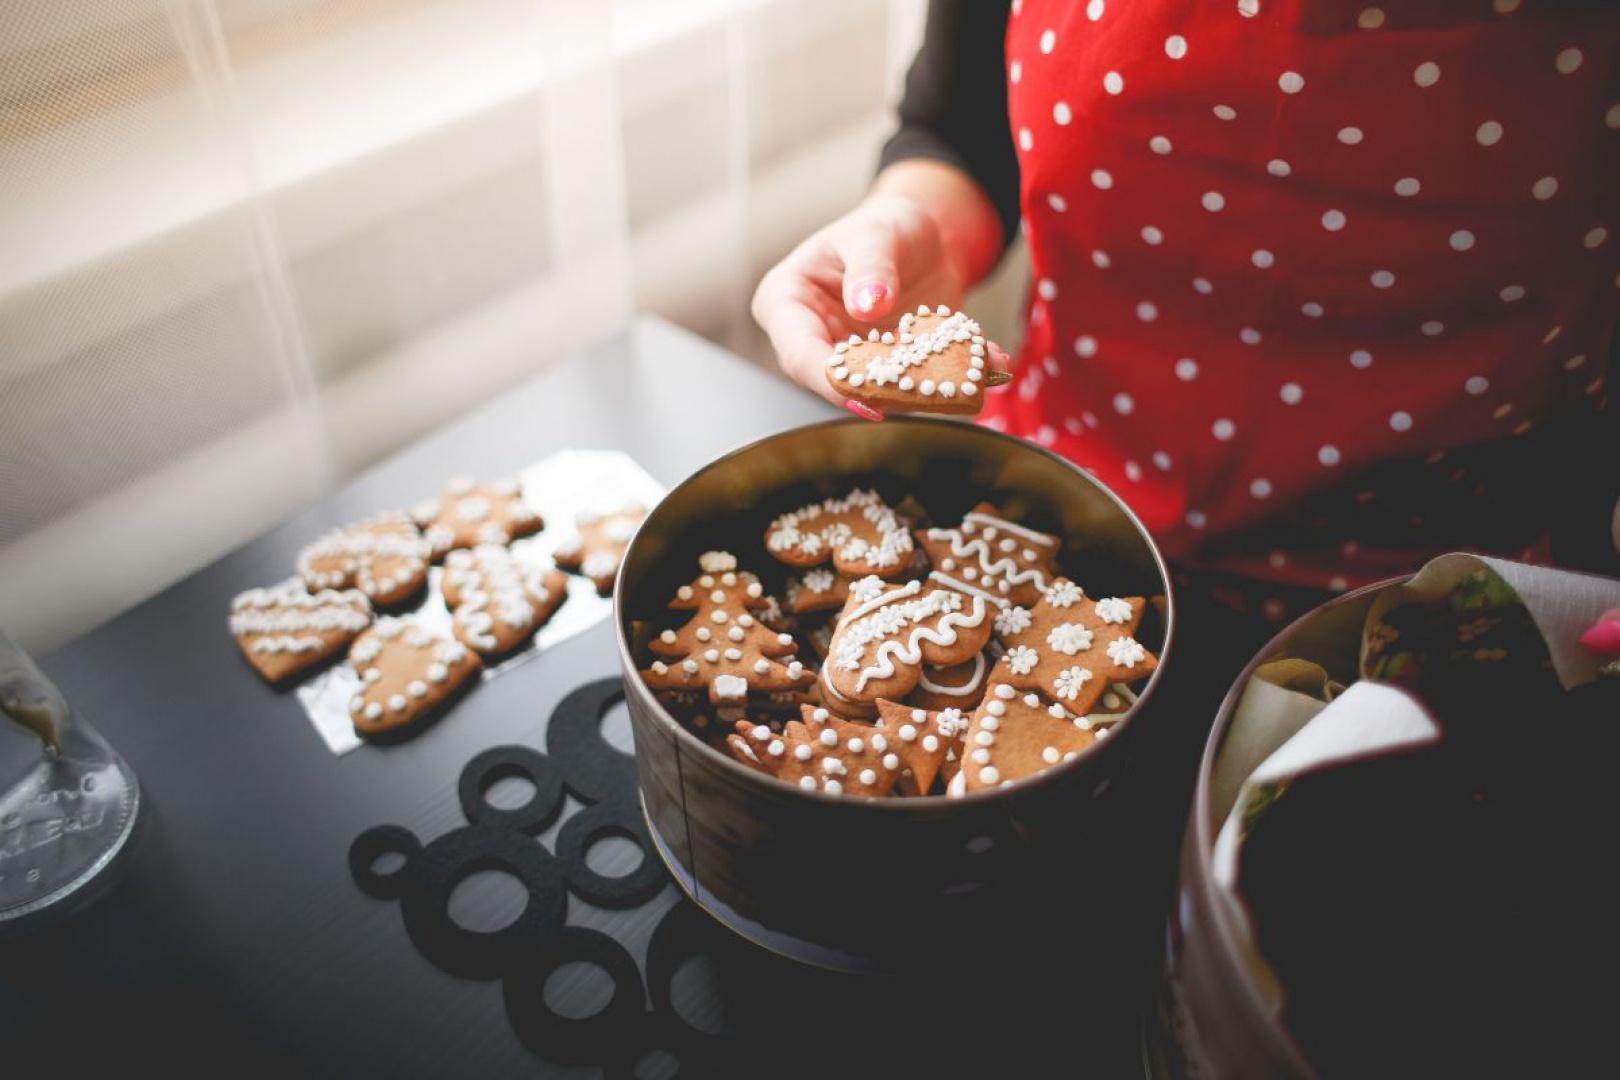 Pierniczki są niezastąpionym smakołykiem na święta Bożego Narodzenia. Fot. Picjumbo.com/Viktor Hanacek.